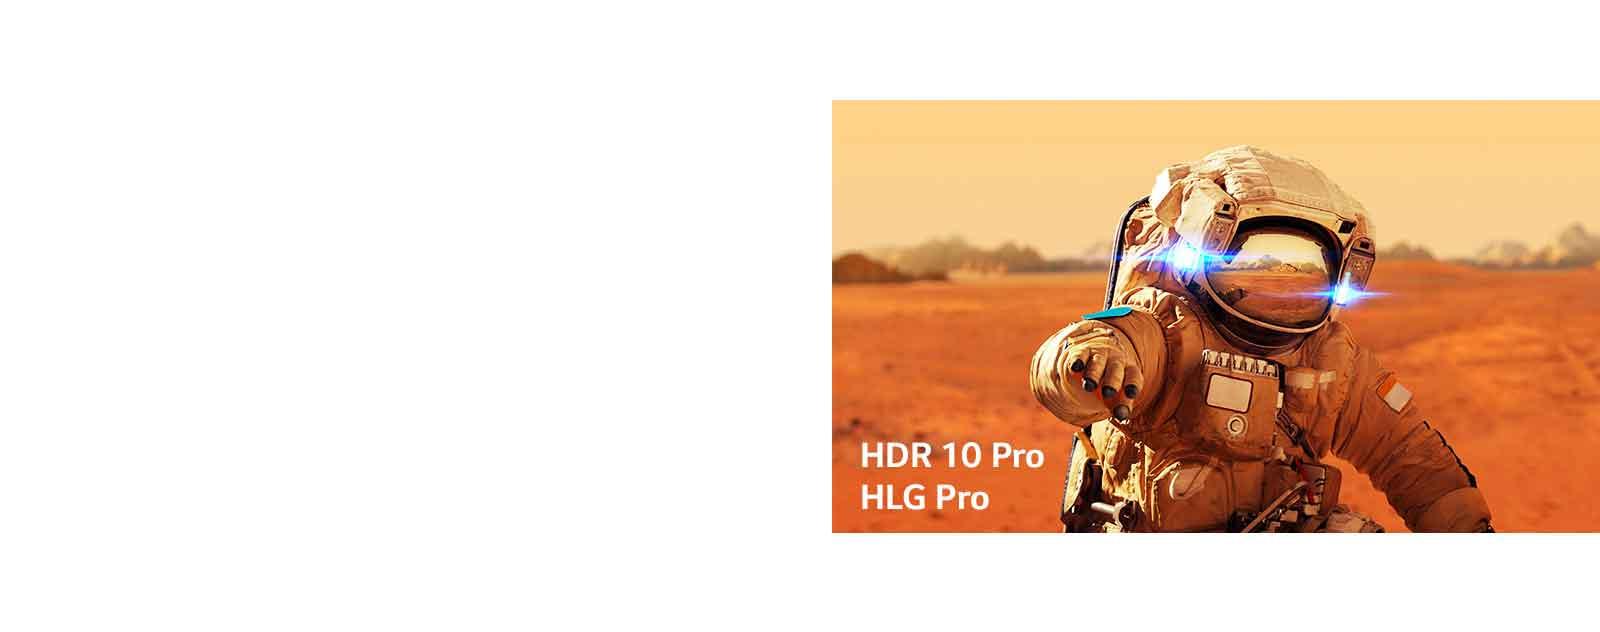 Não viva no passado. Aproveite as atualizações dos principais formatos em HDR.1